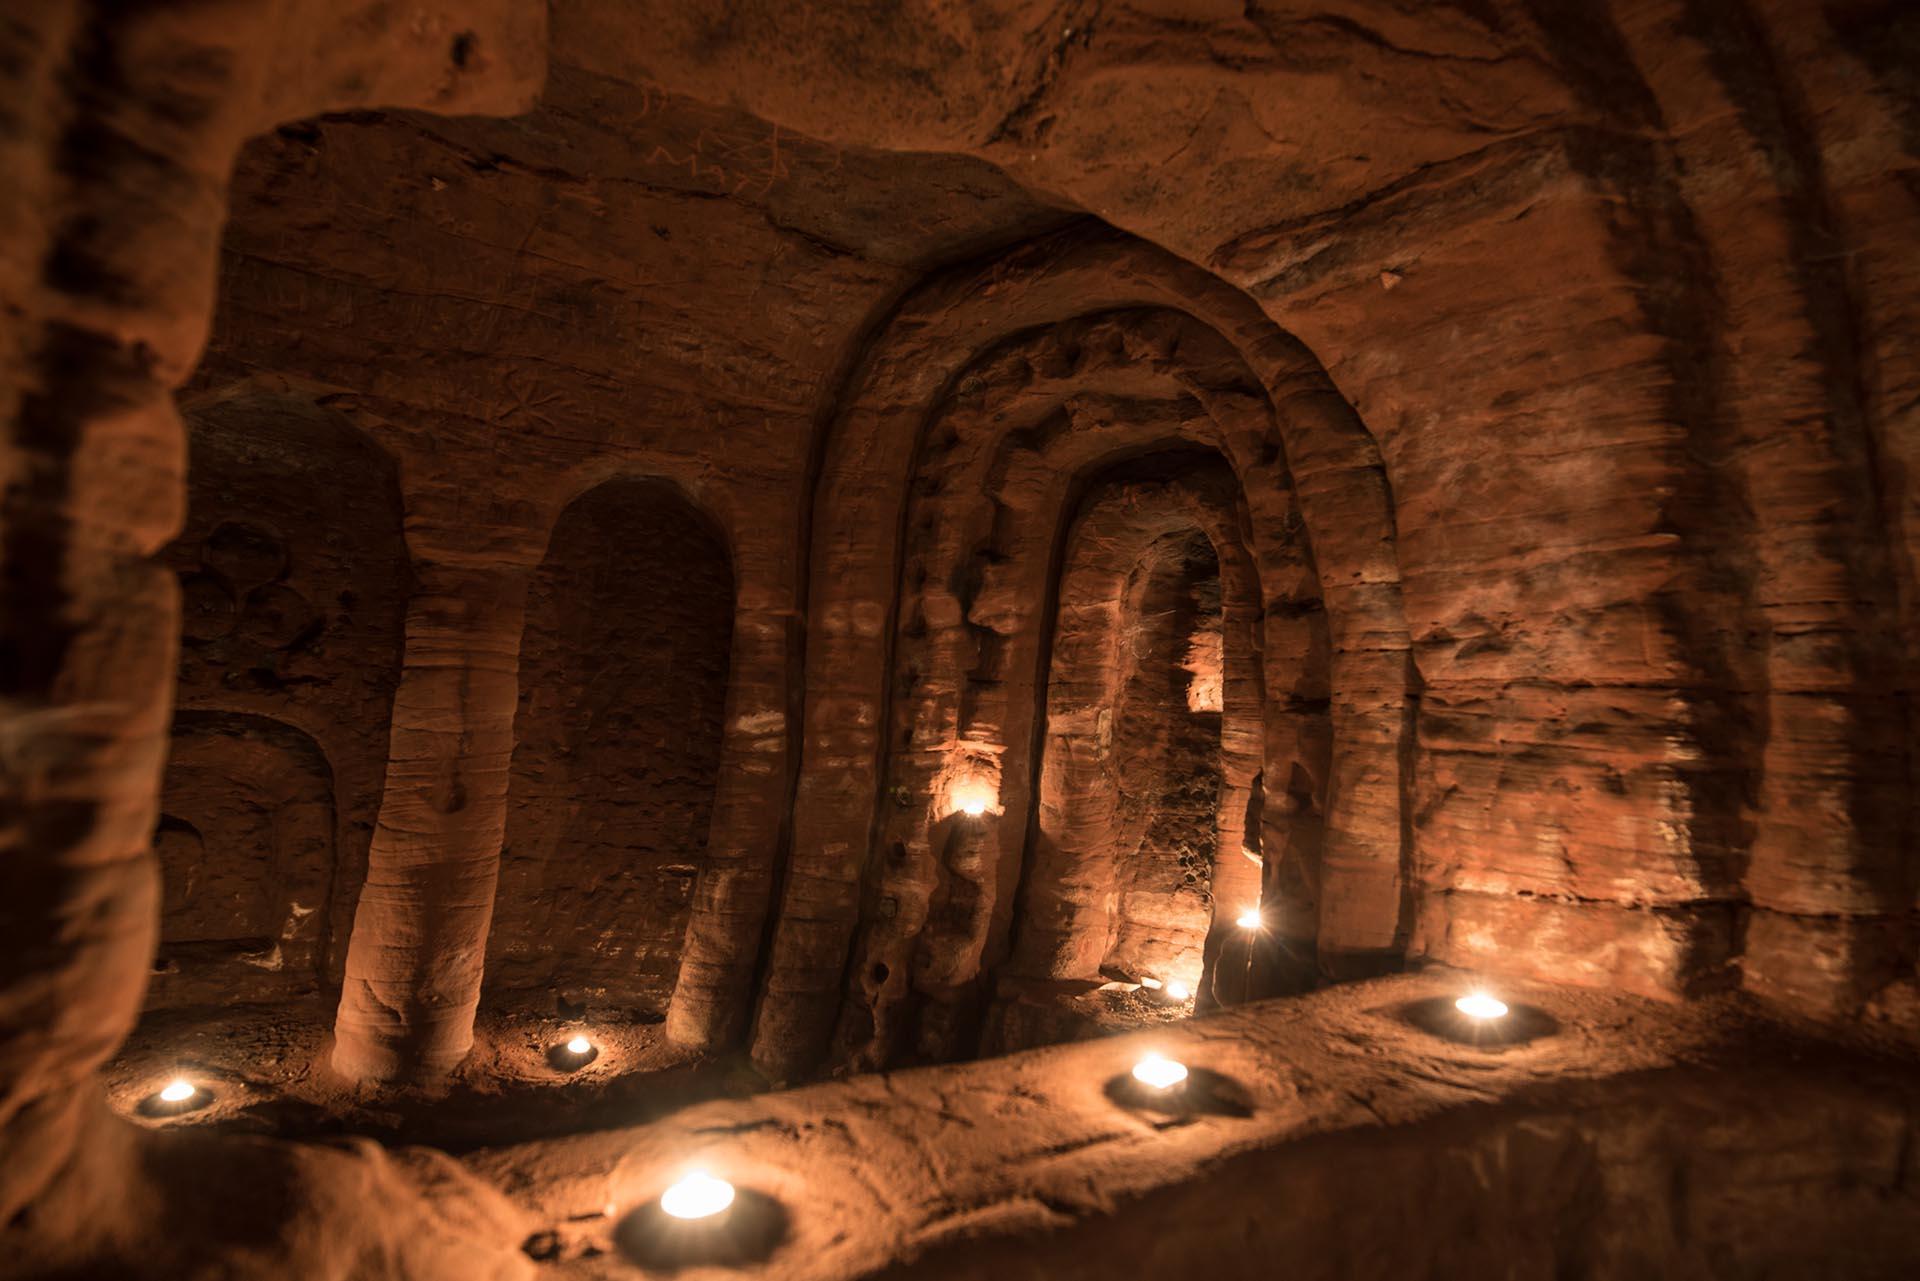 En sus paredes aparecen inscripciones talladas en la piedra desde hace siglos (Michael Scott/Caters News/The Grosby Group)